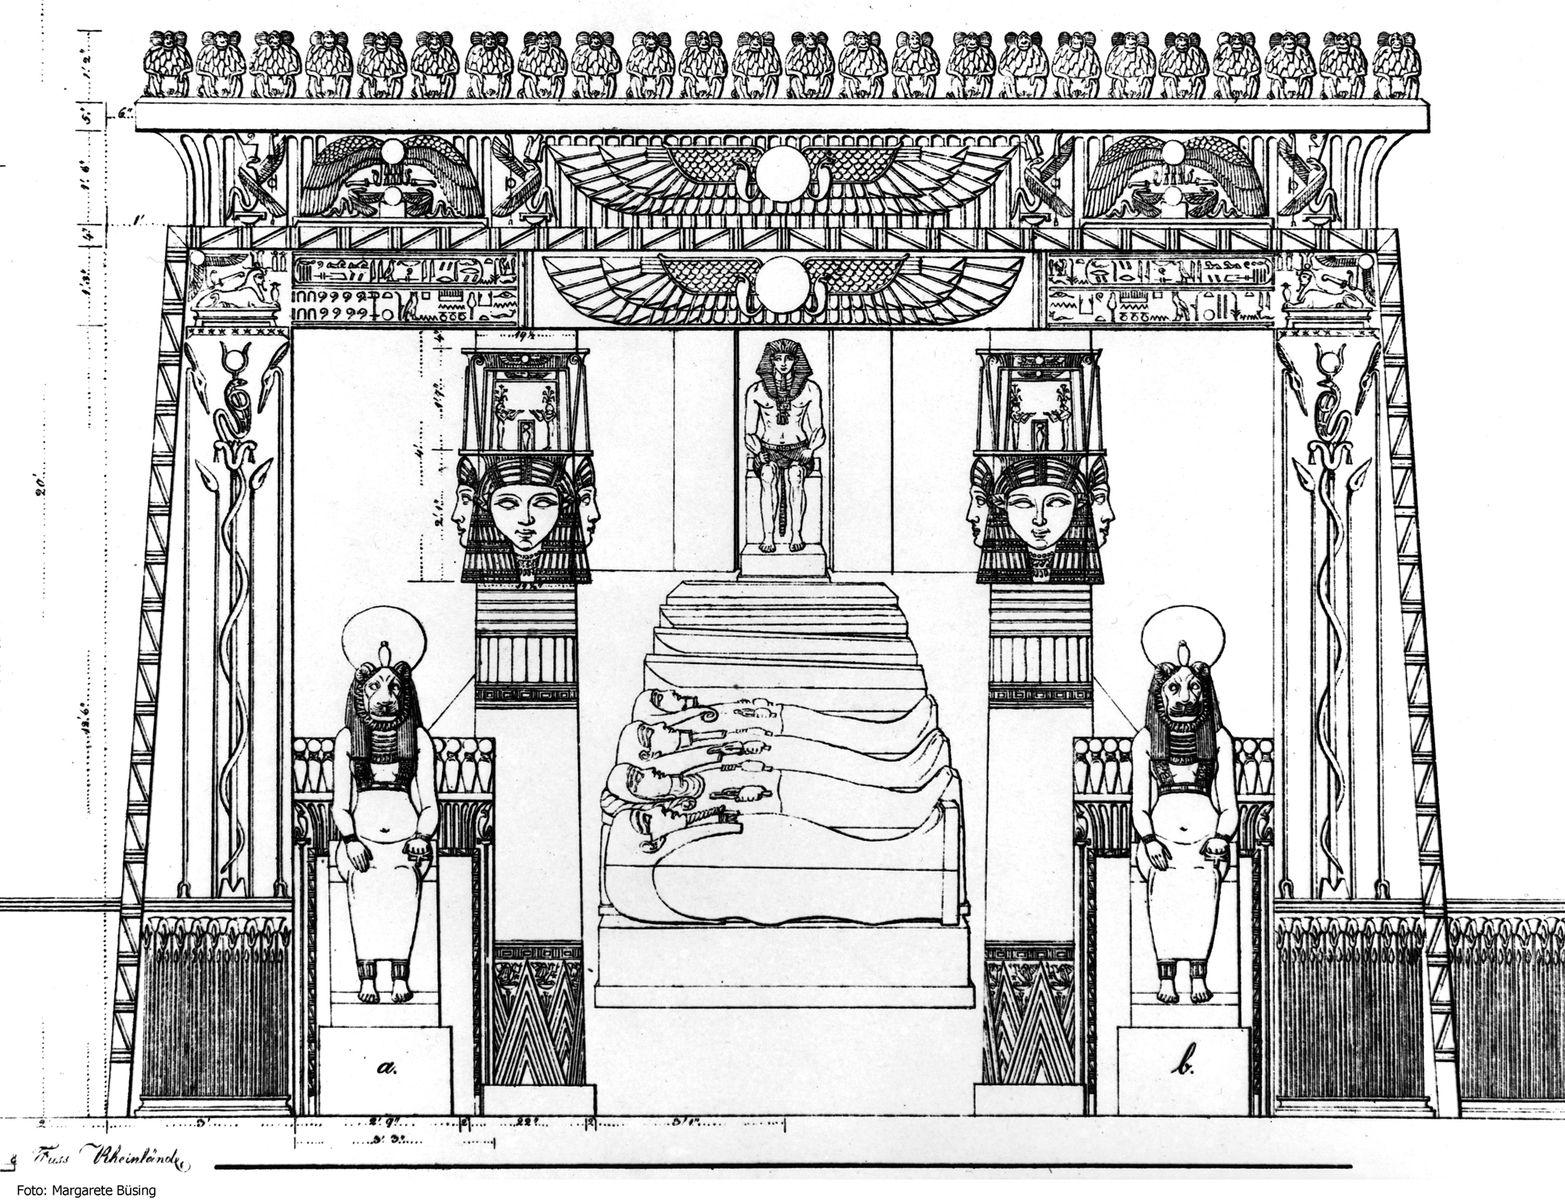 Passalacquas Entwurfszeichnung für die Innenausstattung des Neuen Museums von 1841 © Staatliche Museen zu Berlin, Ägyptisches Museum und Papyrussammlung Berlin, Dokumentenarchiv